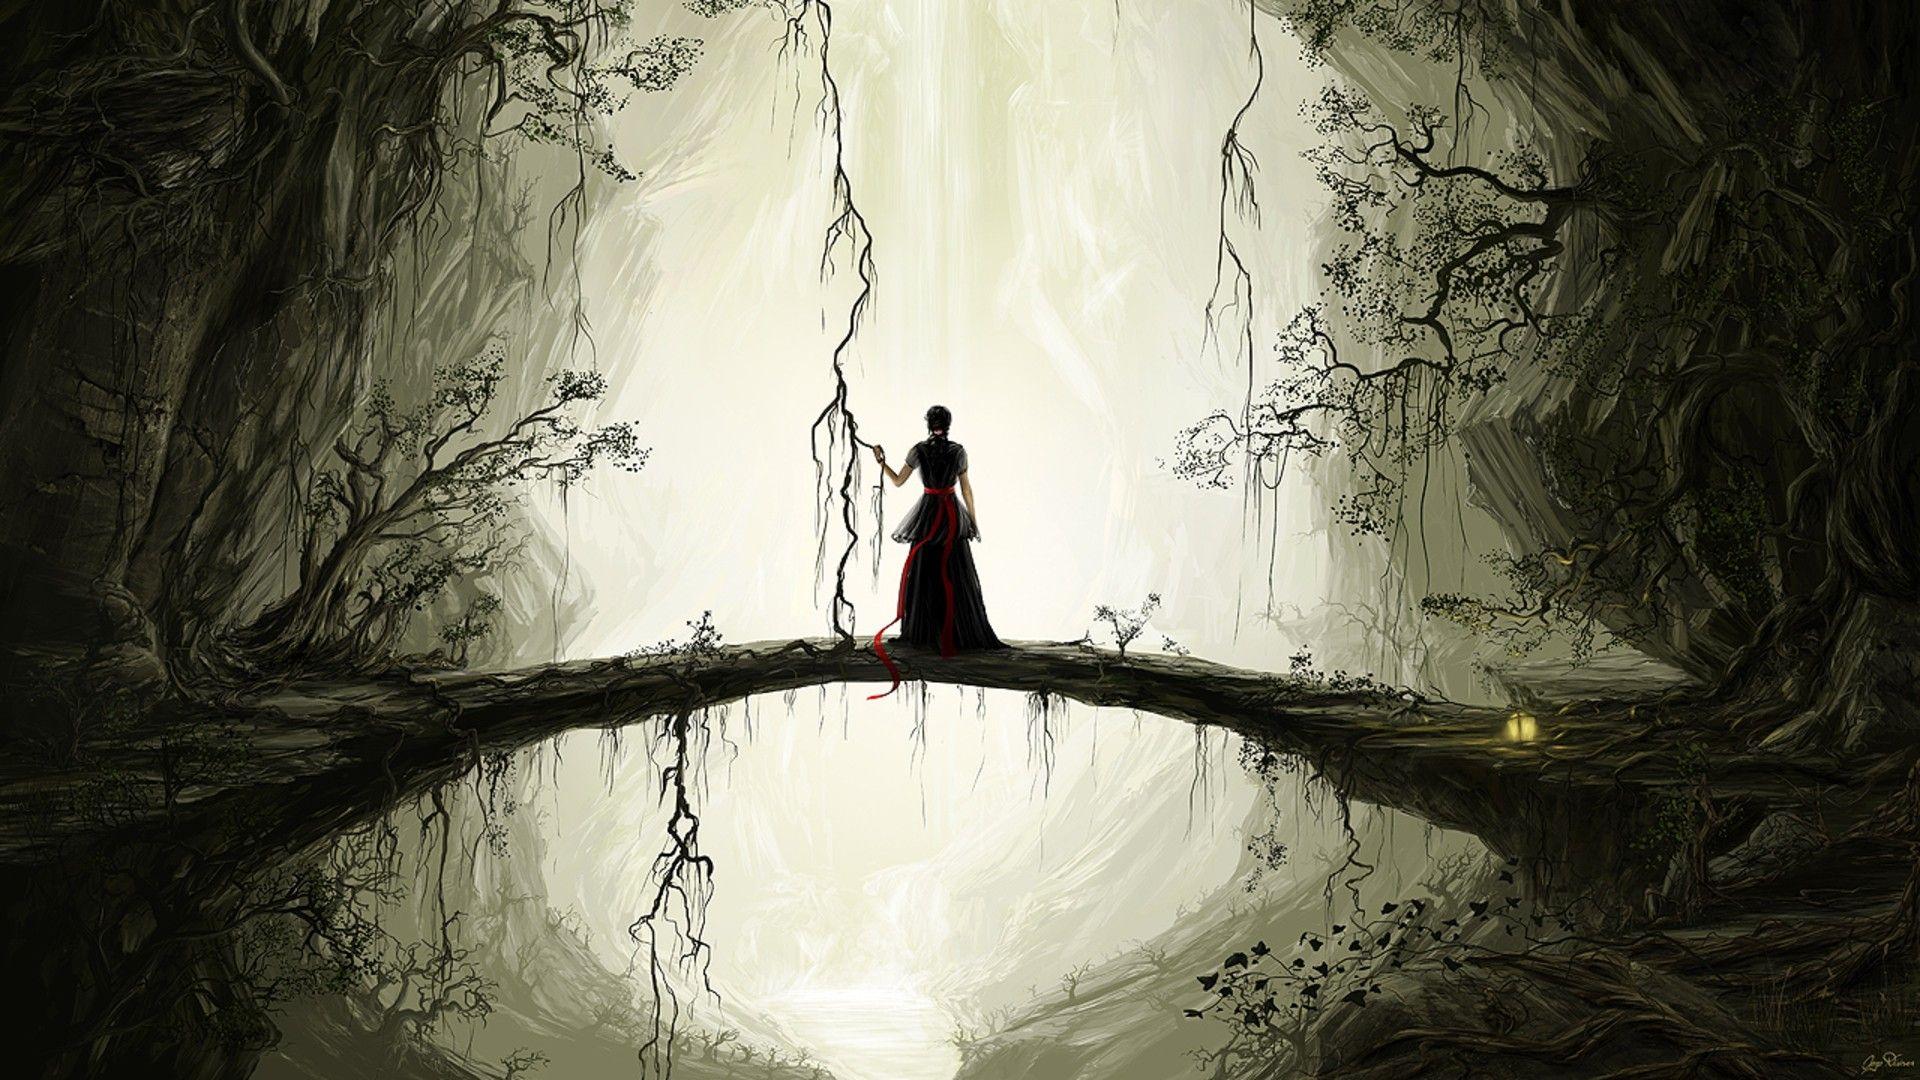 Best Wallpaper Forest Girl - 40df51664dd3bd3e94df59800a669e47  HD_94489 .jpg